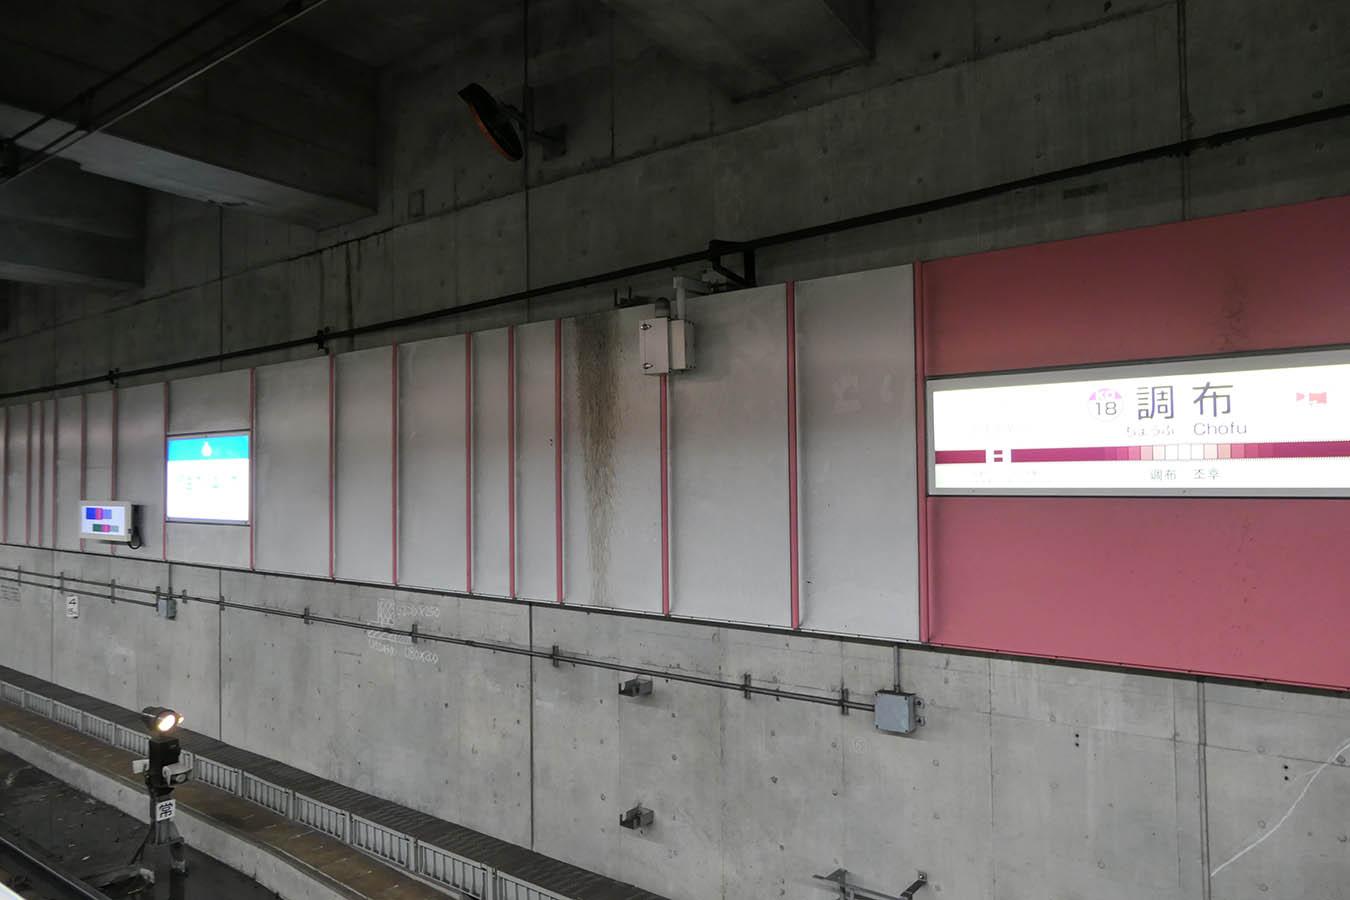 KO18_photo02.jpg